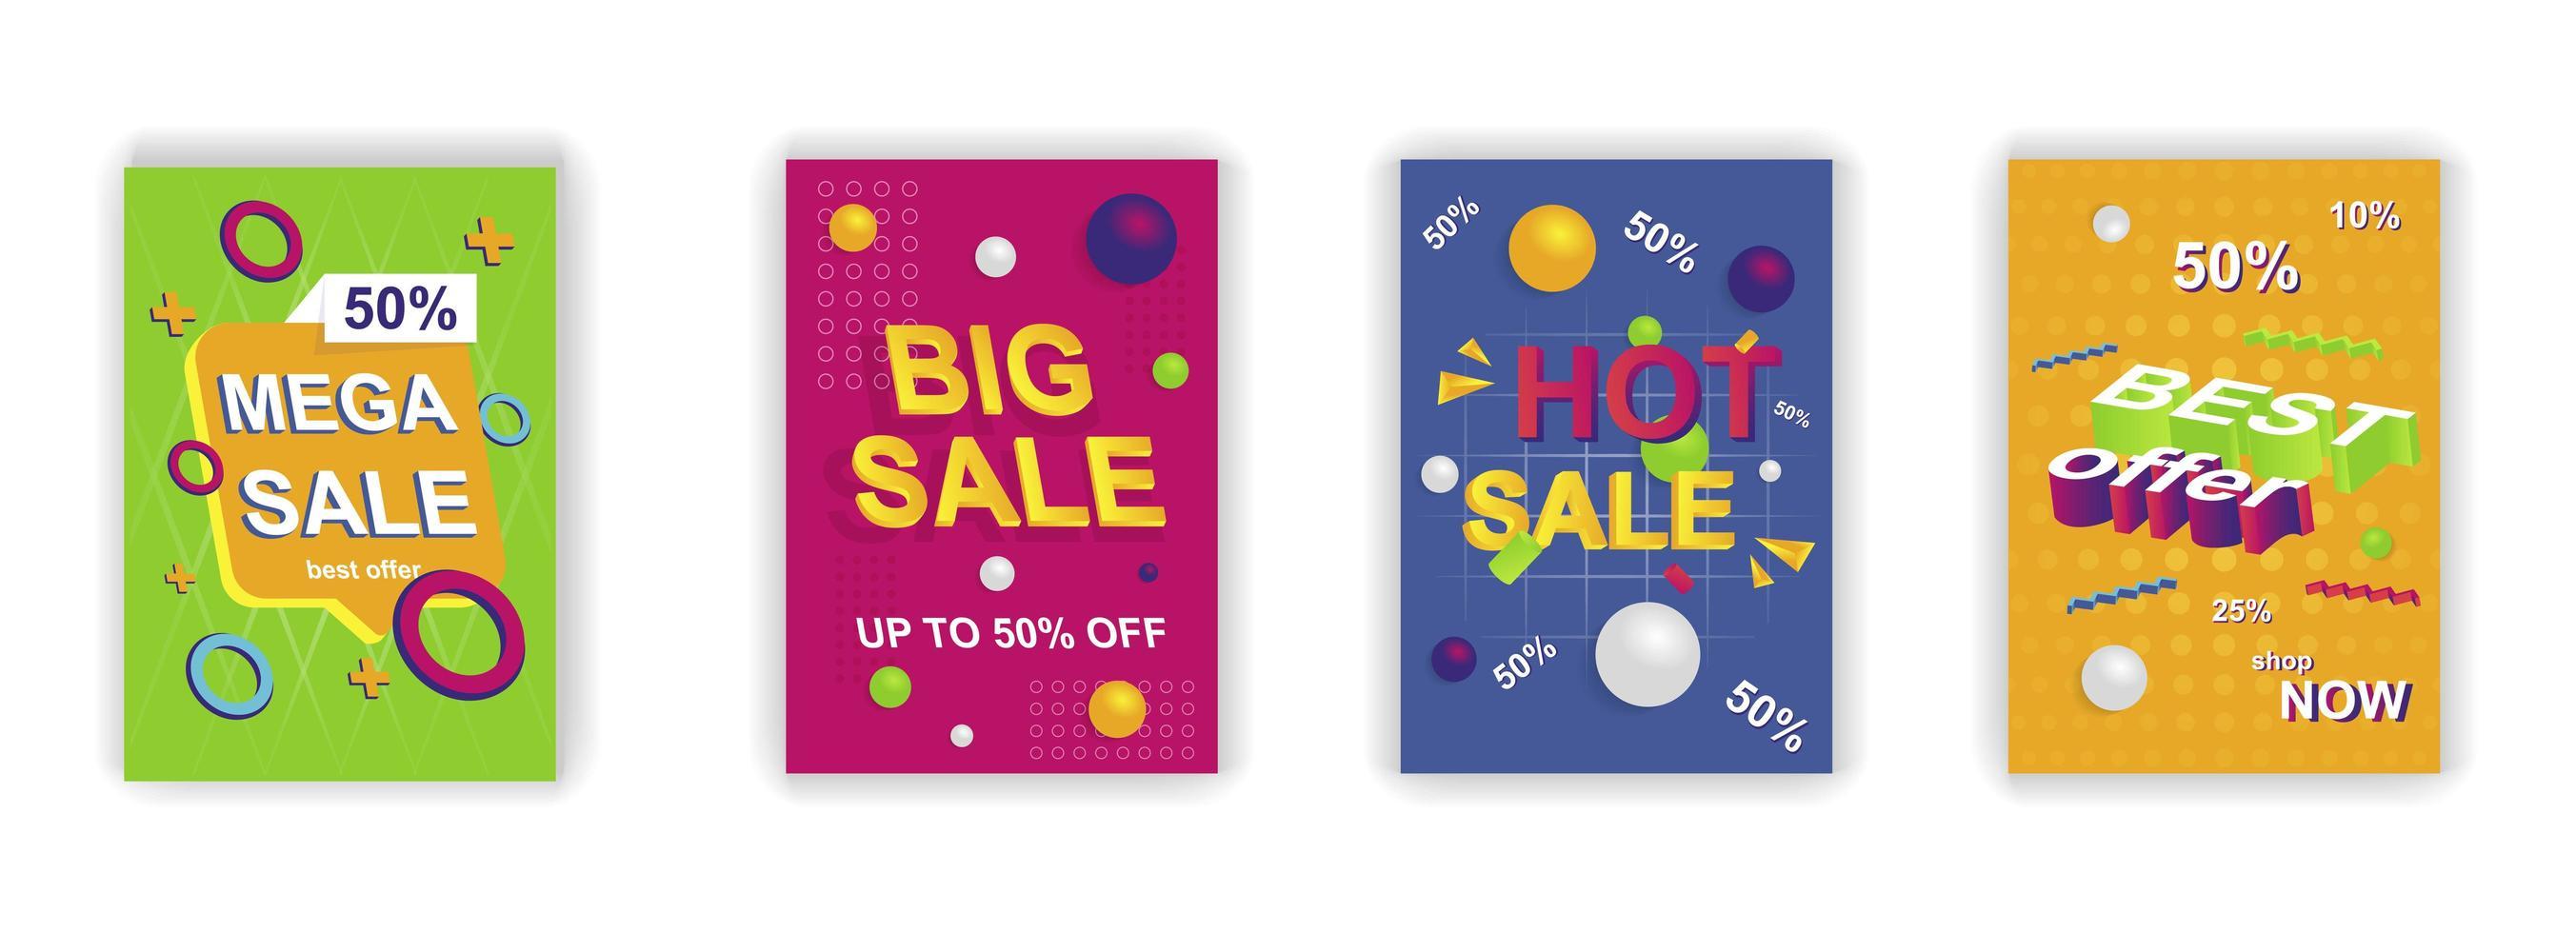 abstracte vormen verkoop poster sociale media verhalen ontwerp vector